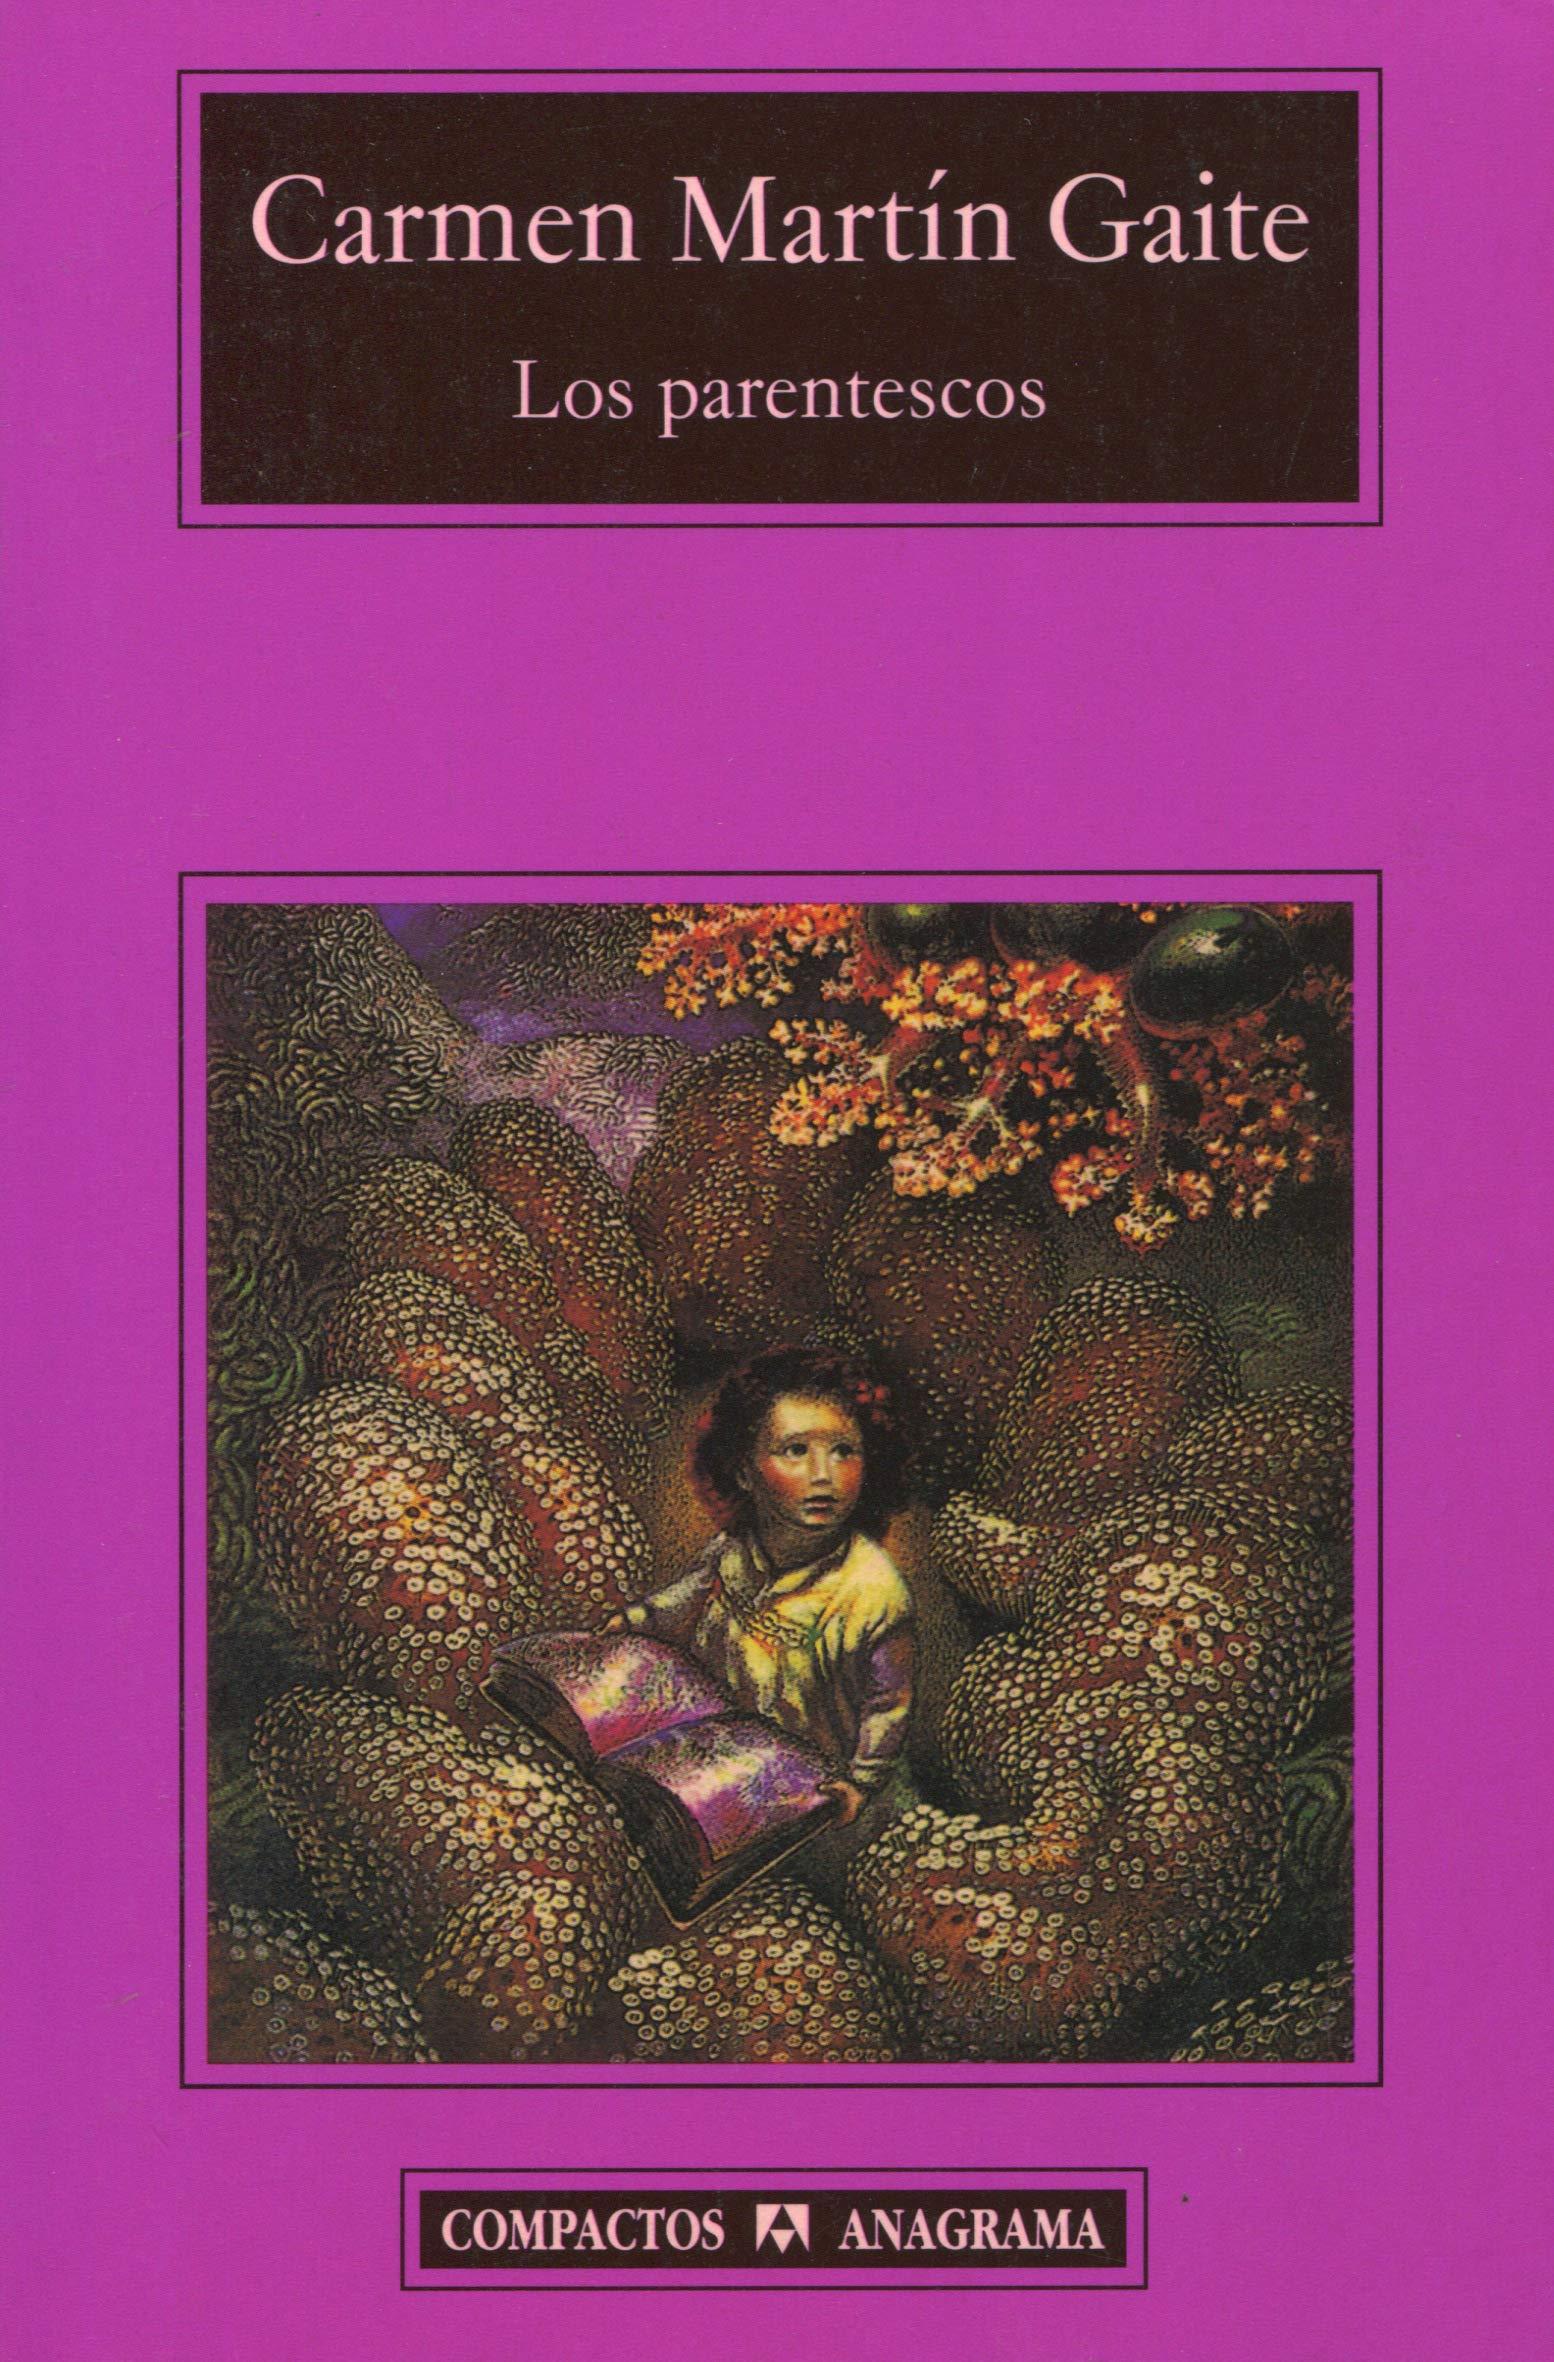 Los parentescos: 304 (Compactos): Amazon.es: Martín Gaite, Carmen: Libros